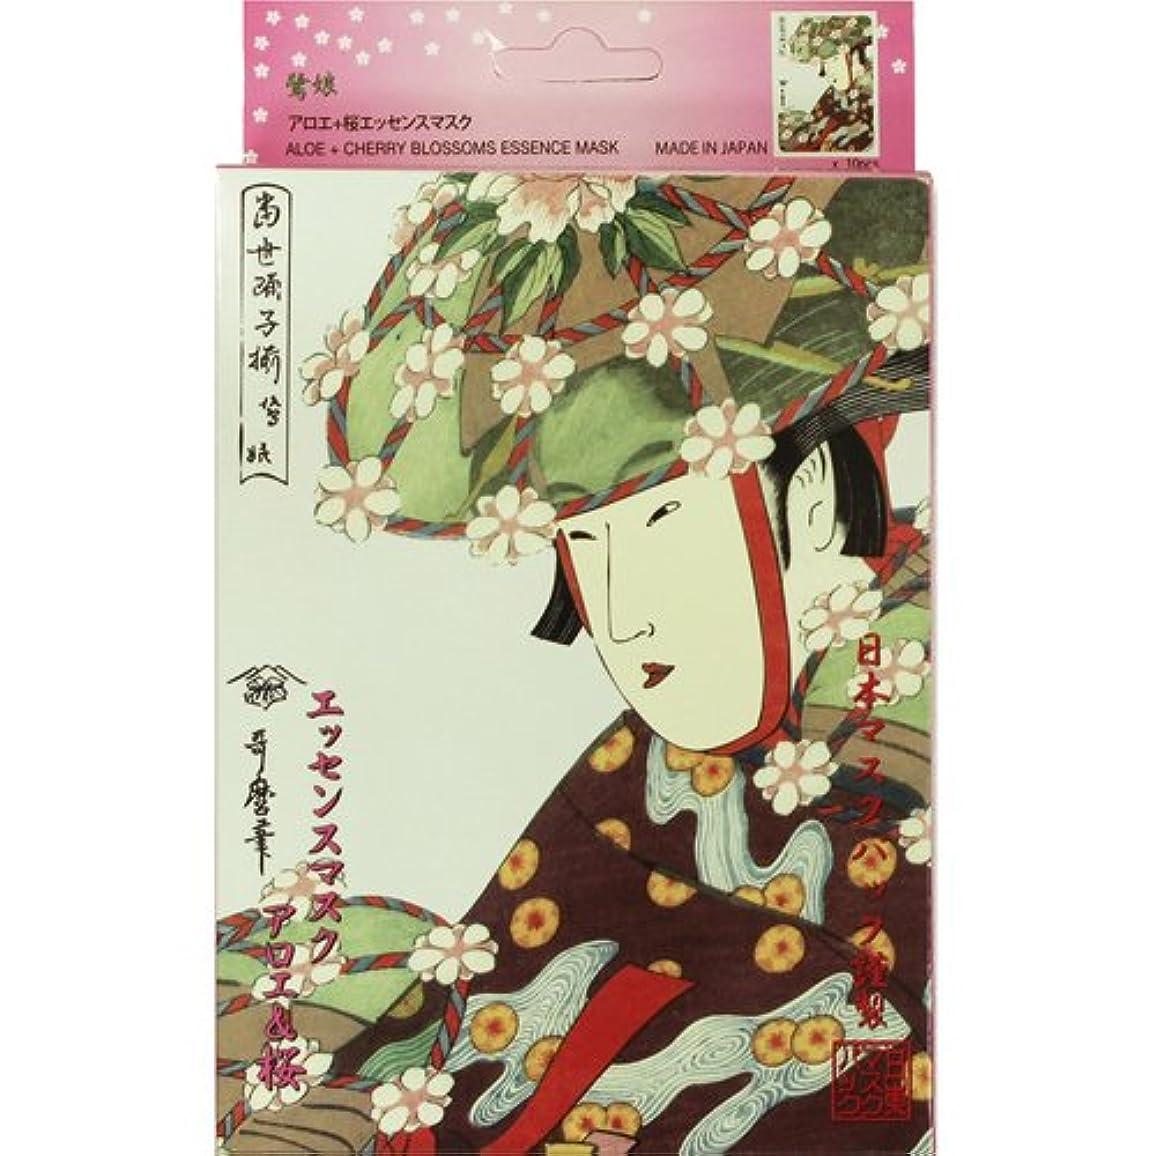 クマノミ暗黙協力的エッセンスマスク アロエ+桜10枚